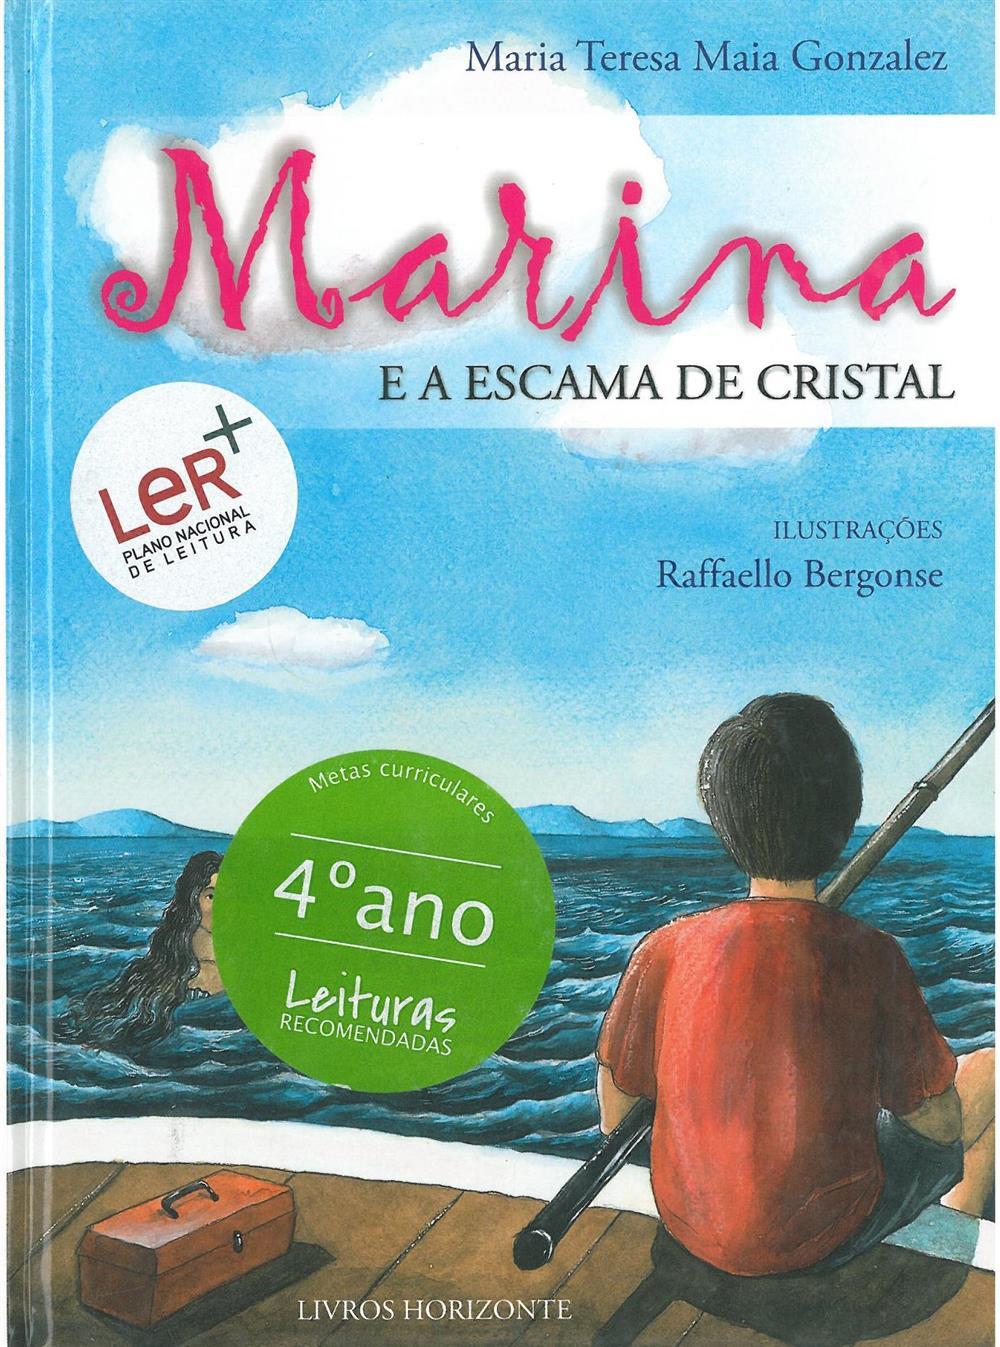 Marina e a escama de cristal.jpg